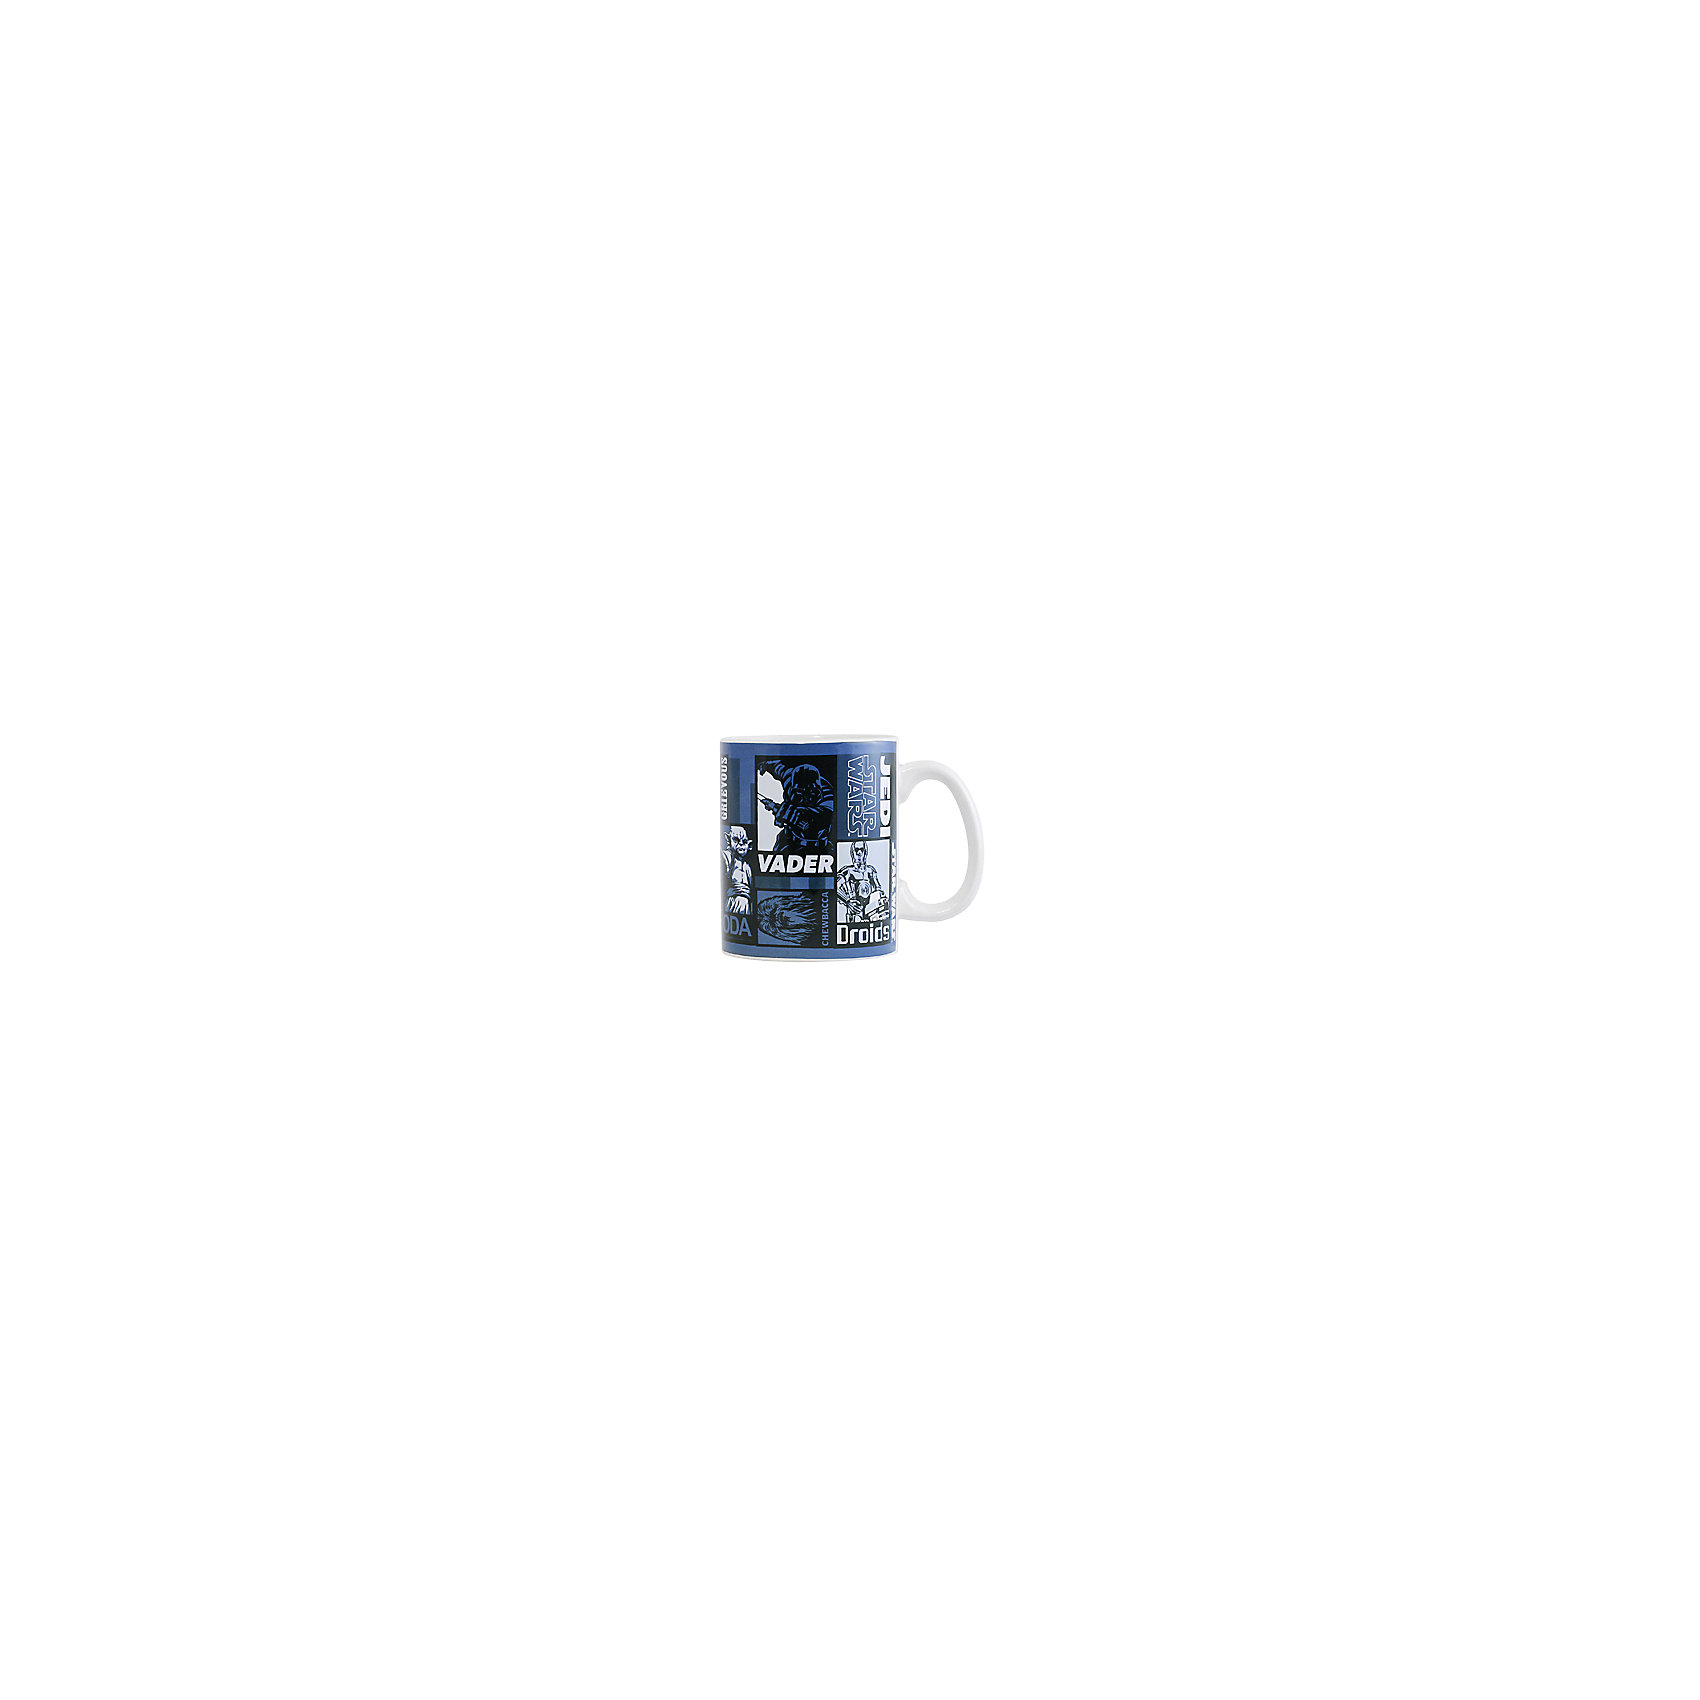 Керамическая кружка Звёздные Войны 500 млКерамическая кружка Звёздные Войны 500 мл – эта оригинальная кружка станет приятным сюрпризом для Вашего ребенка.<br>Кружка «Звездные войны» станет отличным подарком для любого фаната знаменитой саги. Она выполнена из керамики и оформлена рисунком с изображением героев фантастической саги. Большая ручка обеспечит удобство использования. Подходит для использования в посудомоечной машине и СВЧ-печи.<br><br>Дополнительная информация:<br><br>- Материал: керамика<br>- Объем: 500 мл.<br>- Высота: 11 см.<br>- Диаметр: 9 см.<br><br>Керамическую кружку Звёздные Войны 500 мл можно купить в нашем интернет-магазине.<br><br>Ширина мм: 137<br>Глубина мм: 93<br>Высота мм: 112<br>Вес г: 500<br>Возраст от месяцев: 36<br>Возраст до месяцев: 144<br>Пол: Унисекс<br>Возраст: Детский<br>SKU: 4603892